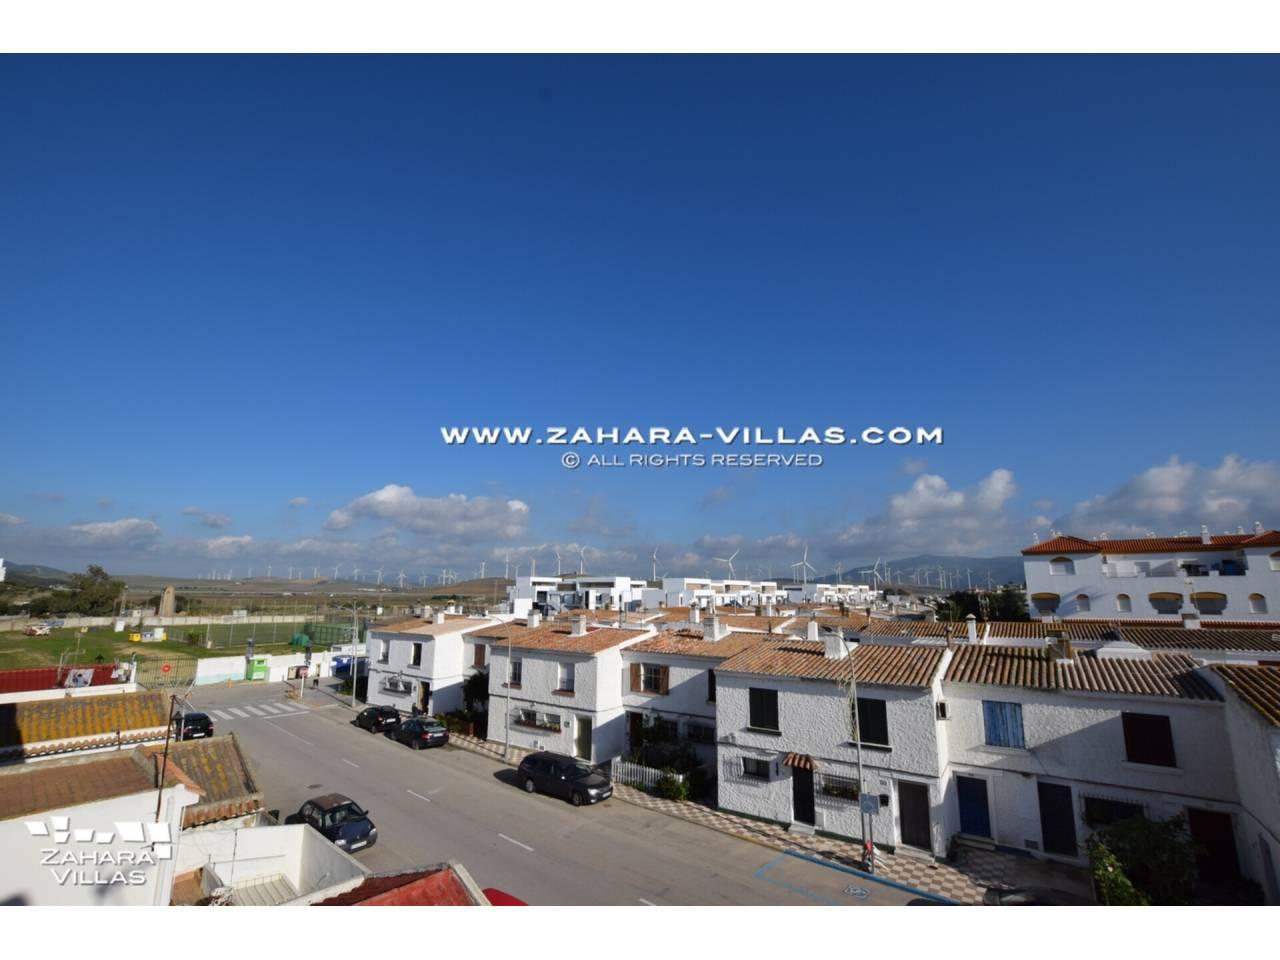 Imagen 2 de Haus zum verkauf in Zahara de los Atunes